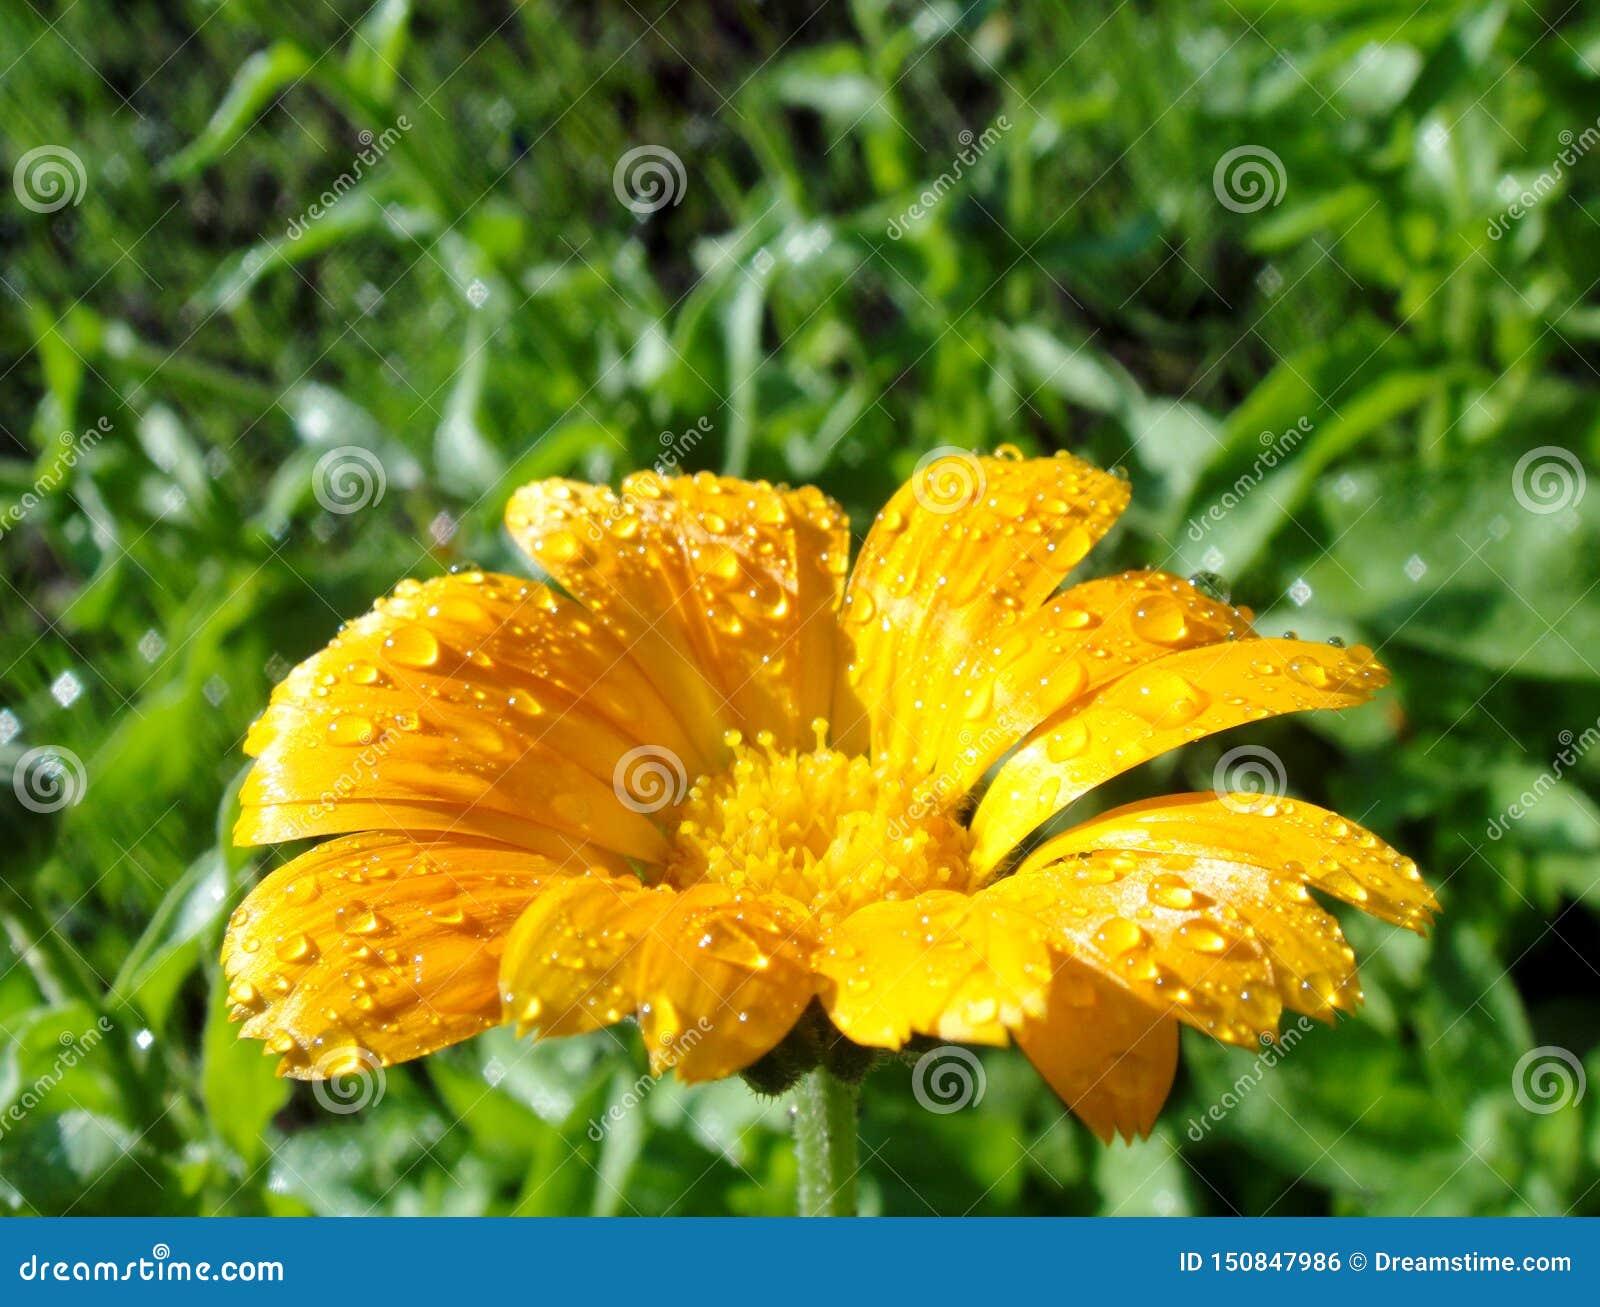 Macrofoto van heldere de zomer gele calendula met dauw